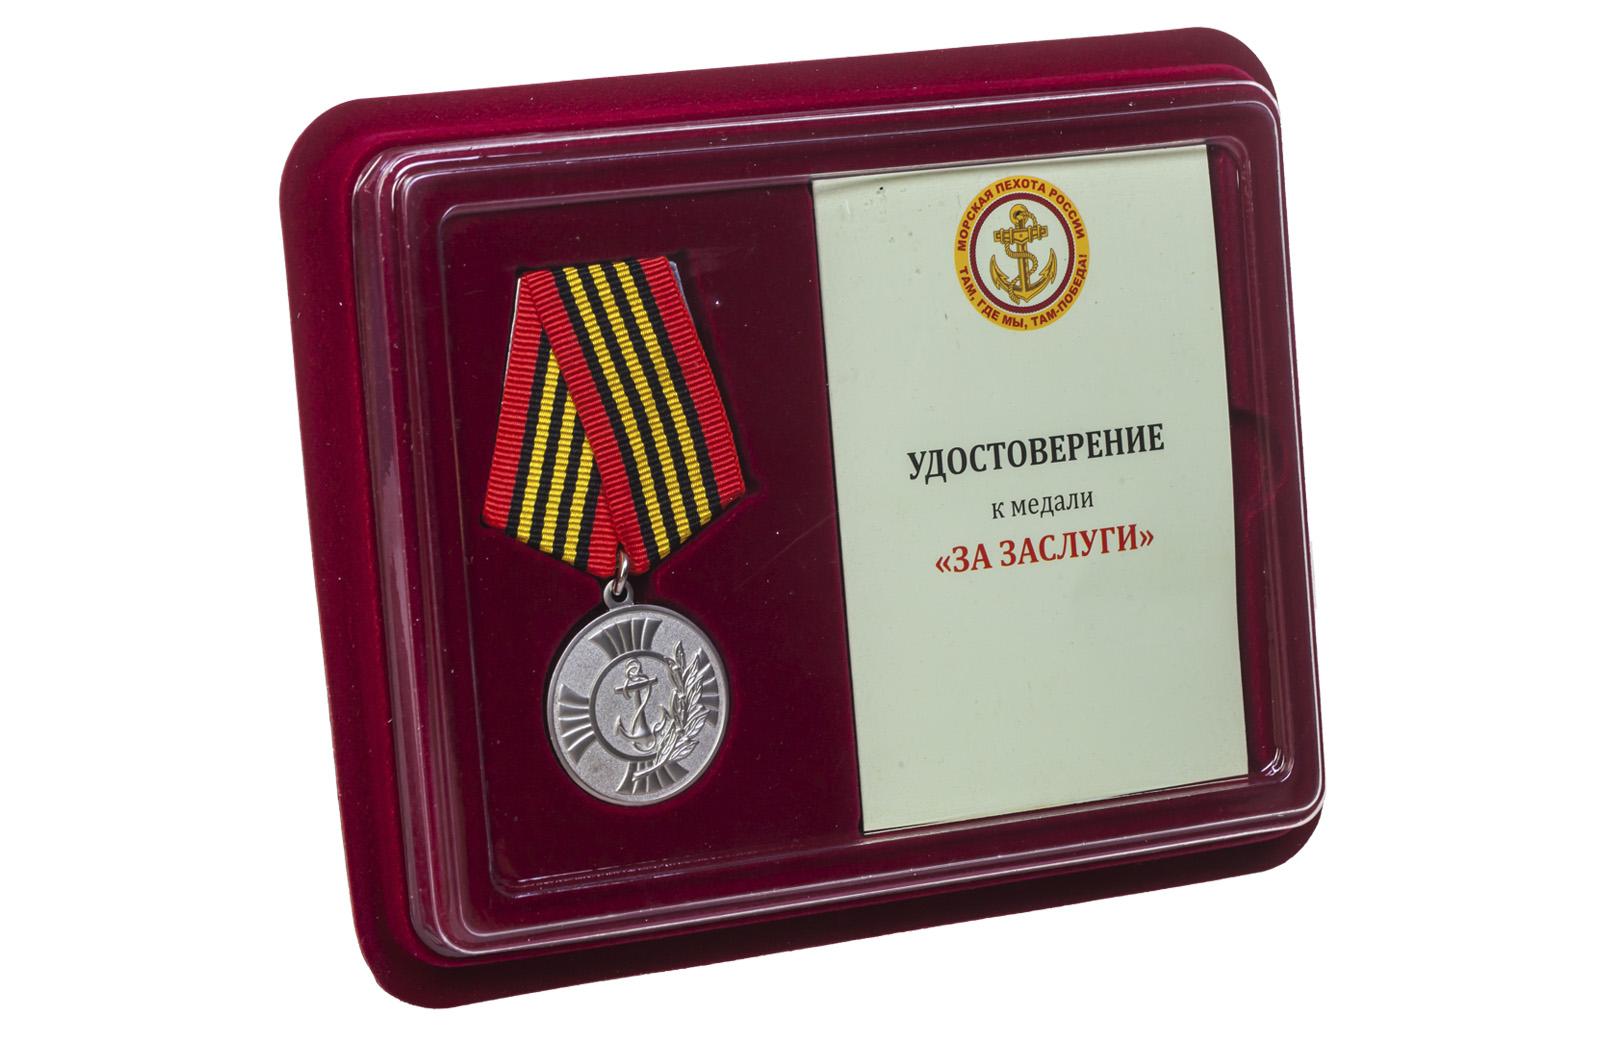 Купить медаль За заслуги Морской пехоты в подарок мужчине